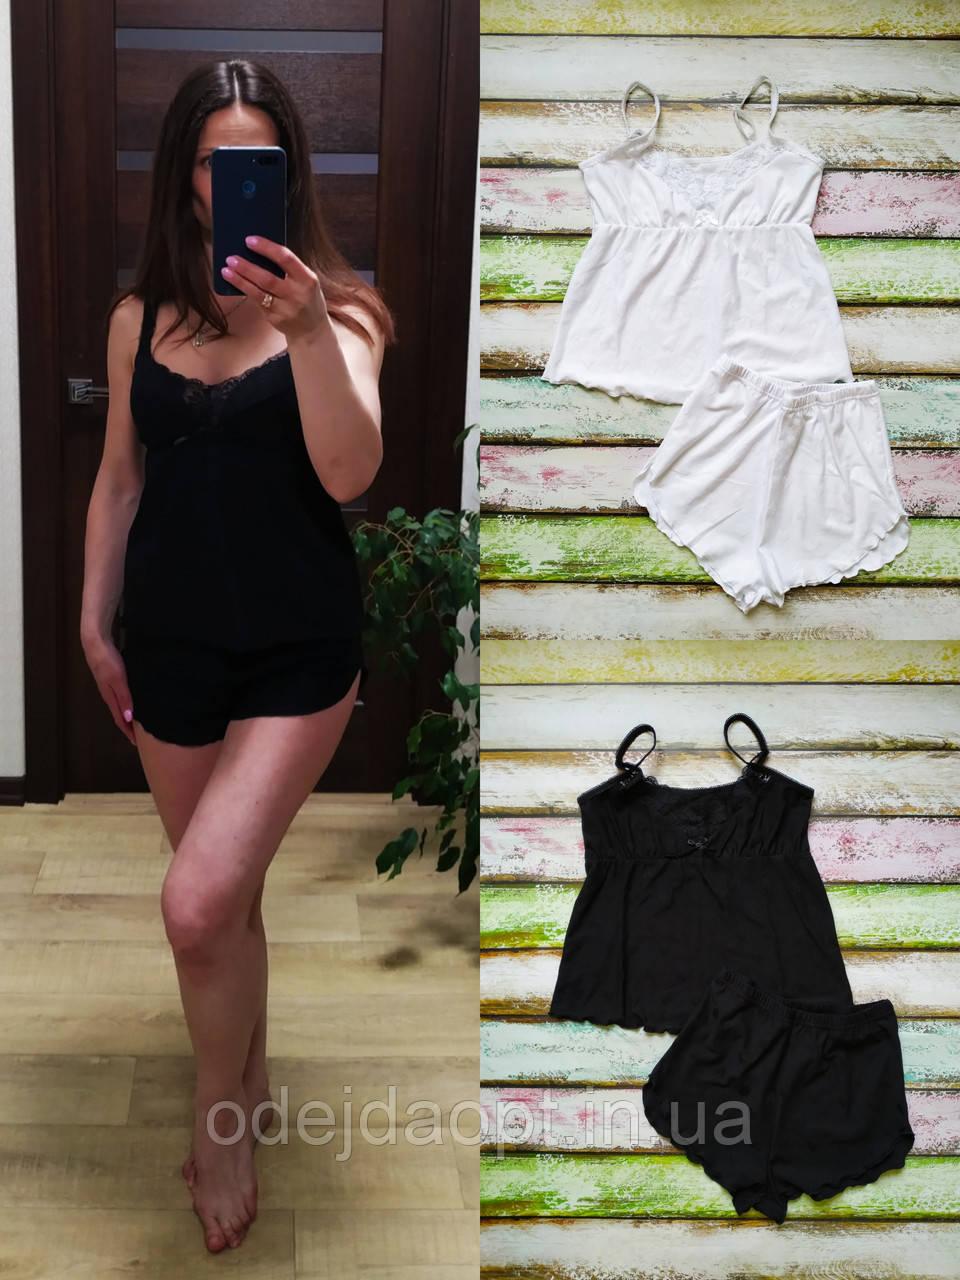 Женская пижама (майка на тонких бретелях, с кружевом+ шортики) XS,S,M